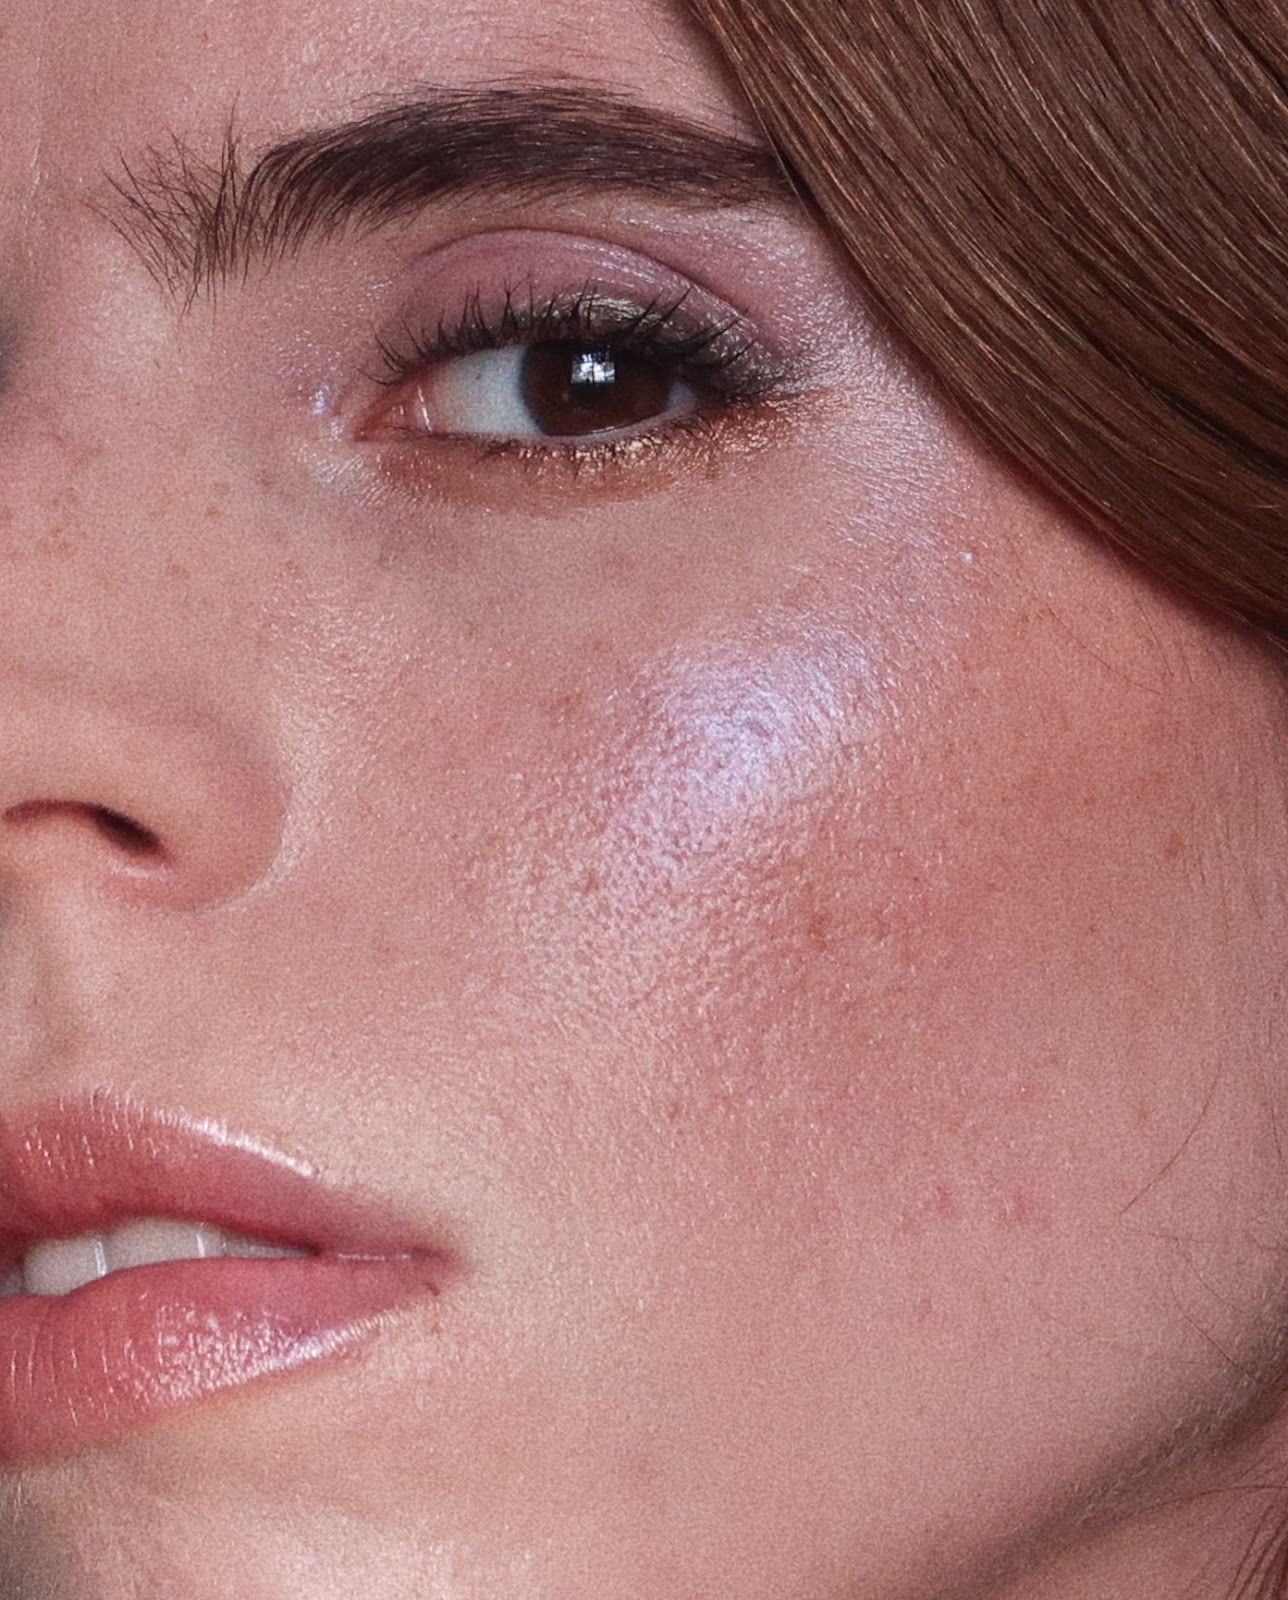 Peau naturellement éclatante : 3 astuces pour un glow naturel - Mettre en valeur le glow grâce au maquillage